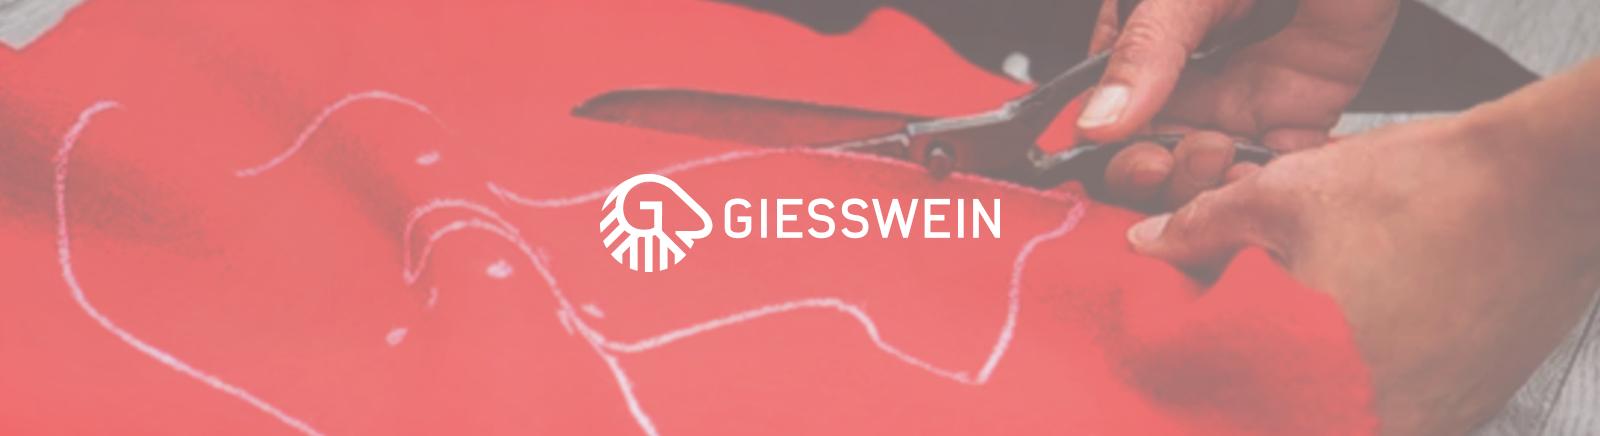 Giesswein Damenschuhe online kaufen im Shop von GISY